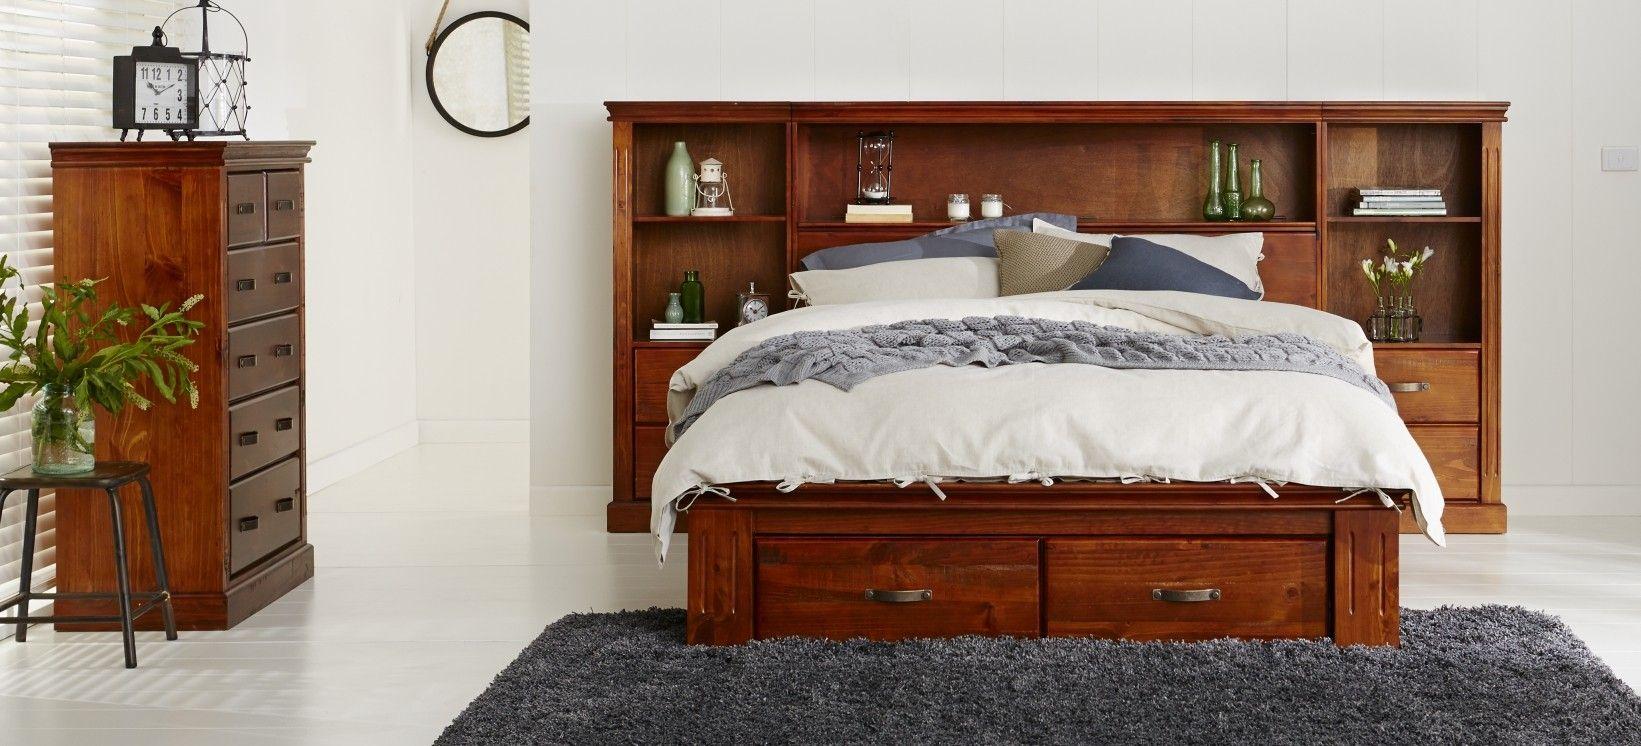 Texas+Cabin+Bedroom+Furniture++Classic+Wooden+Bedroom